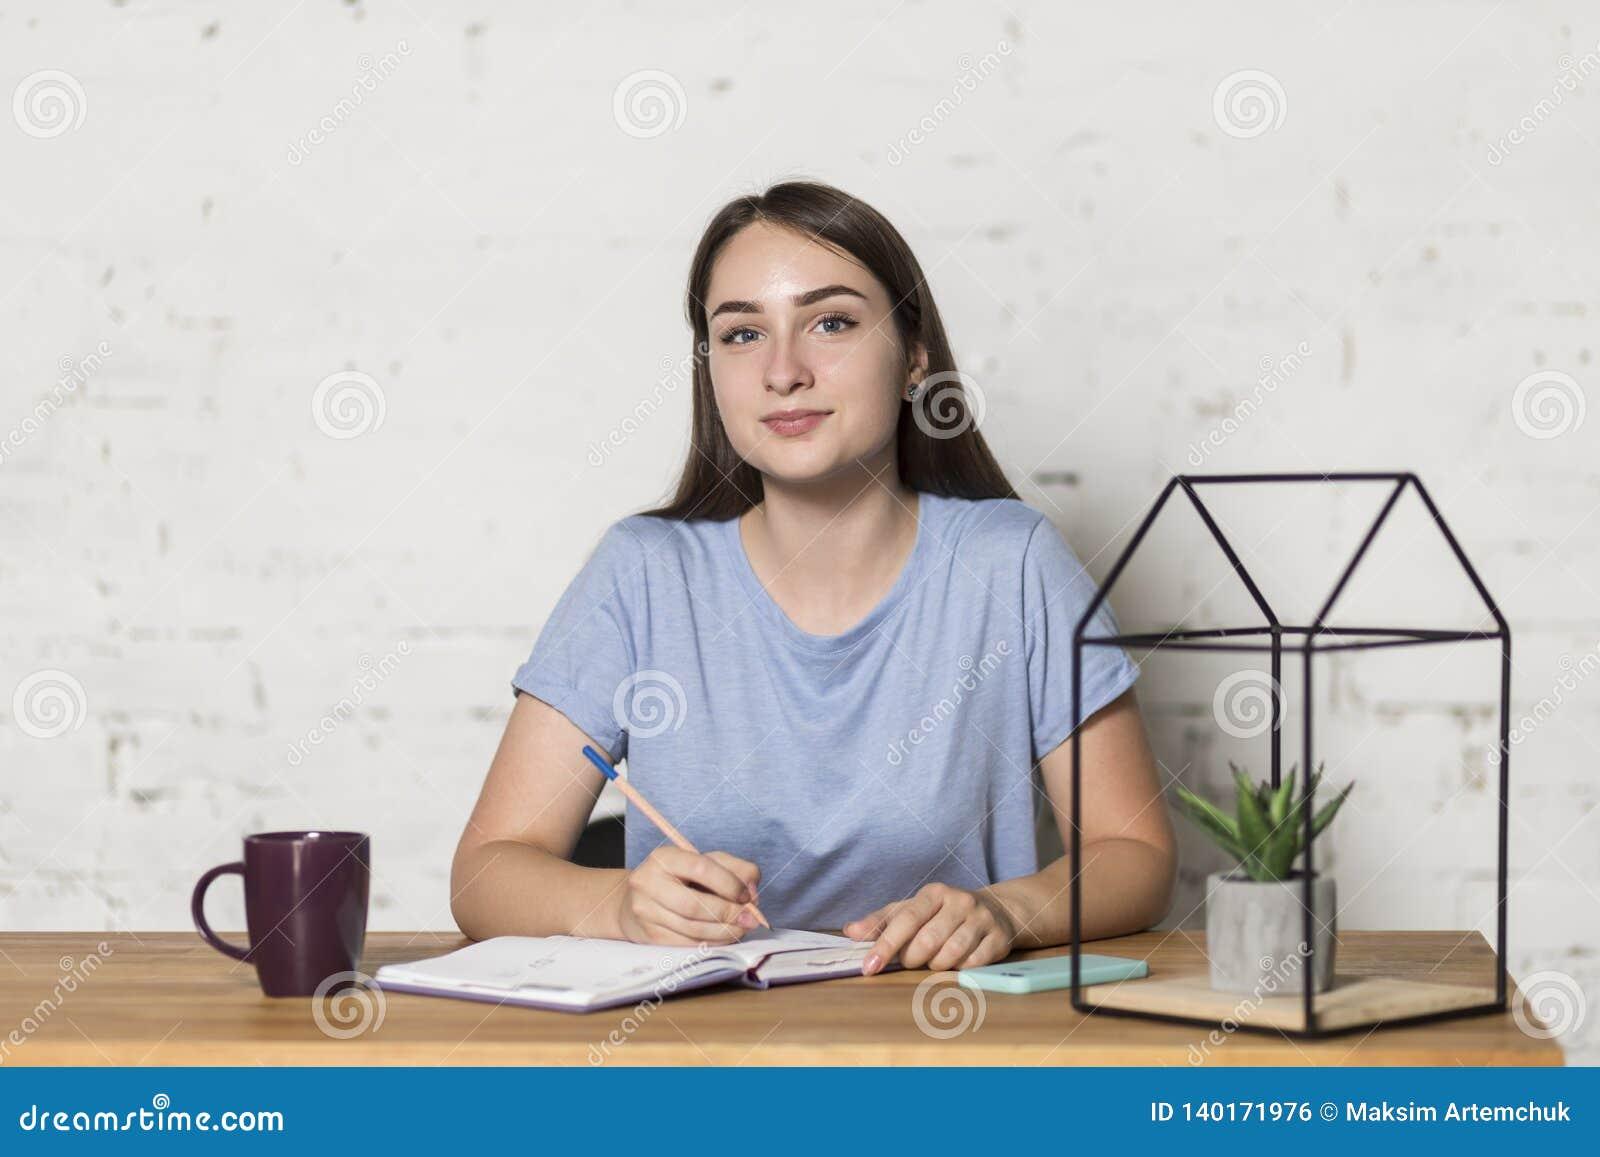 Το κορίτσι κάθεται στον πίνακα και κοιτάζει άμεσα Κρατά ένα μολύβι Στον πίνακα αξίζει ένα φλυτζάνι